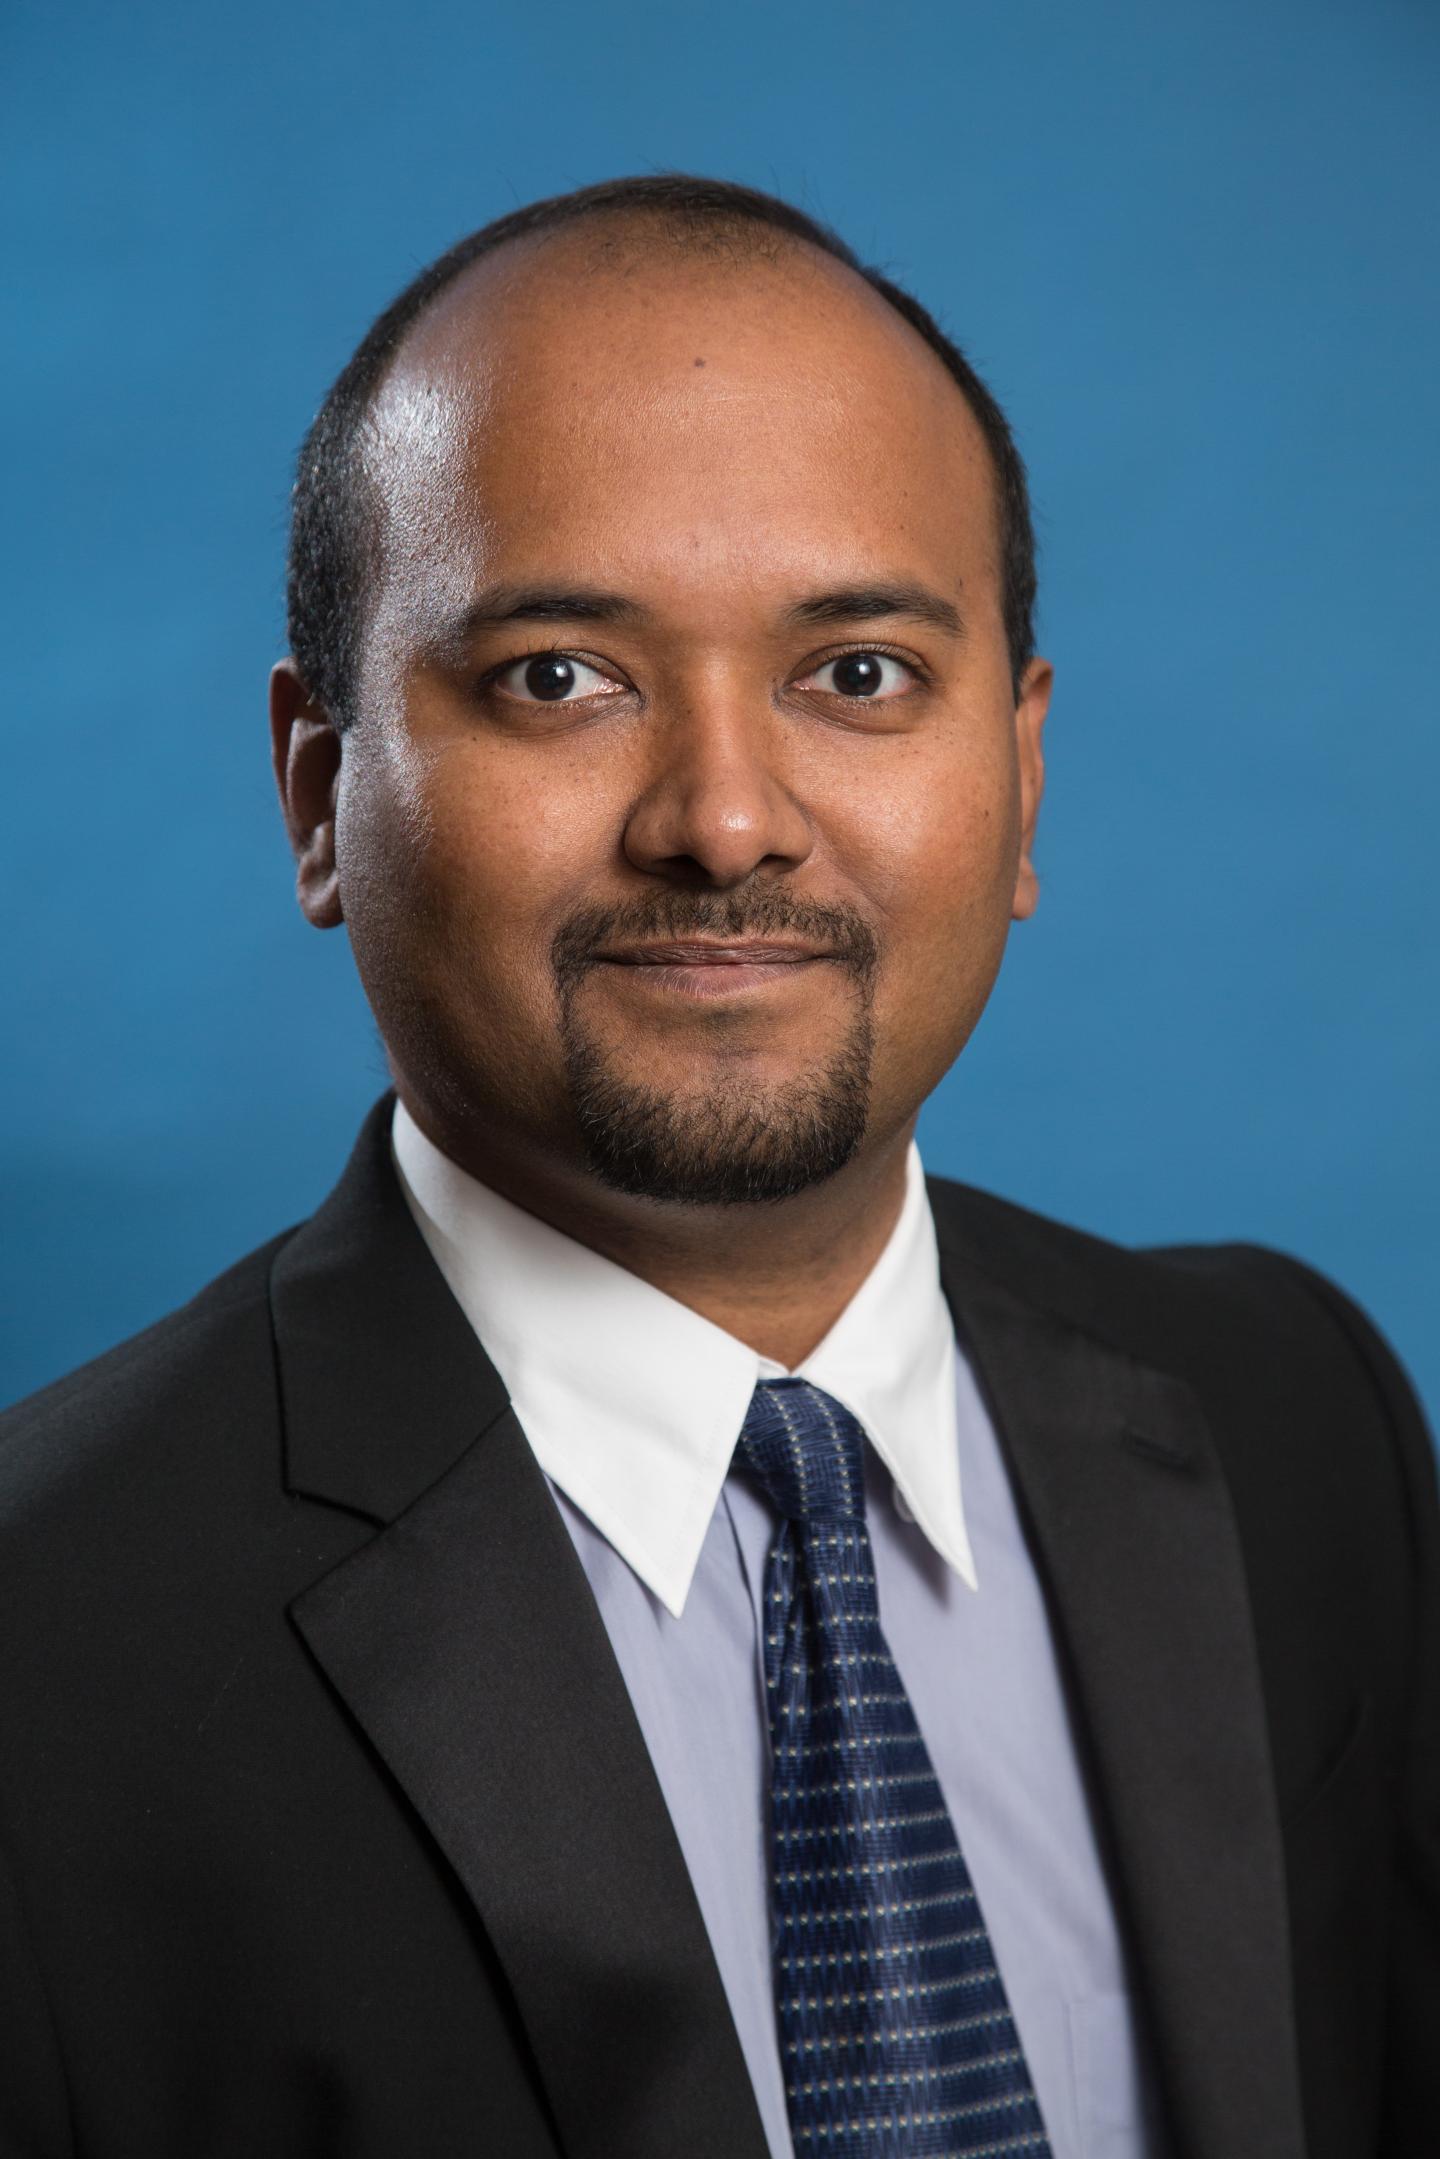 Harish Krishnamoorthy, University of Houston